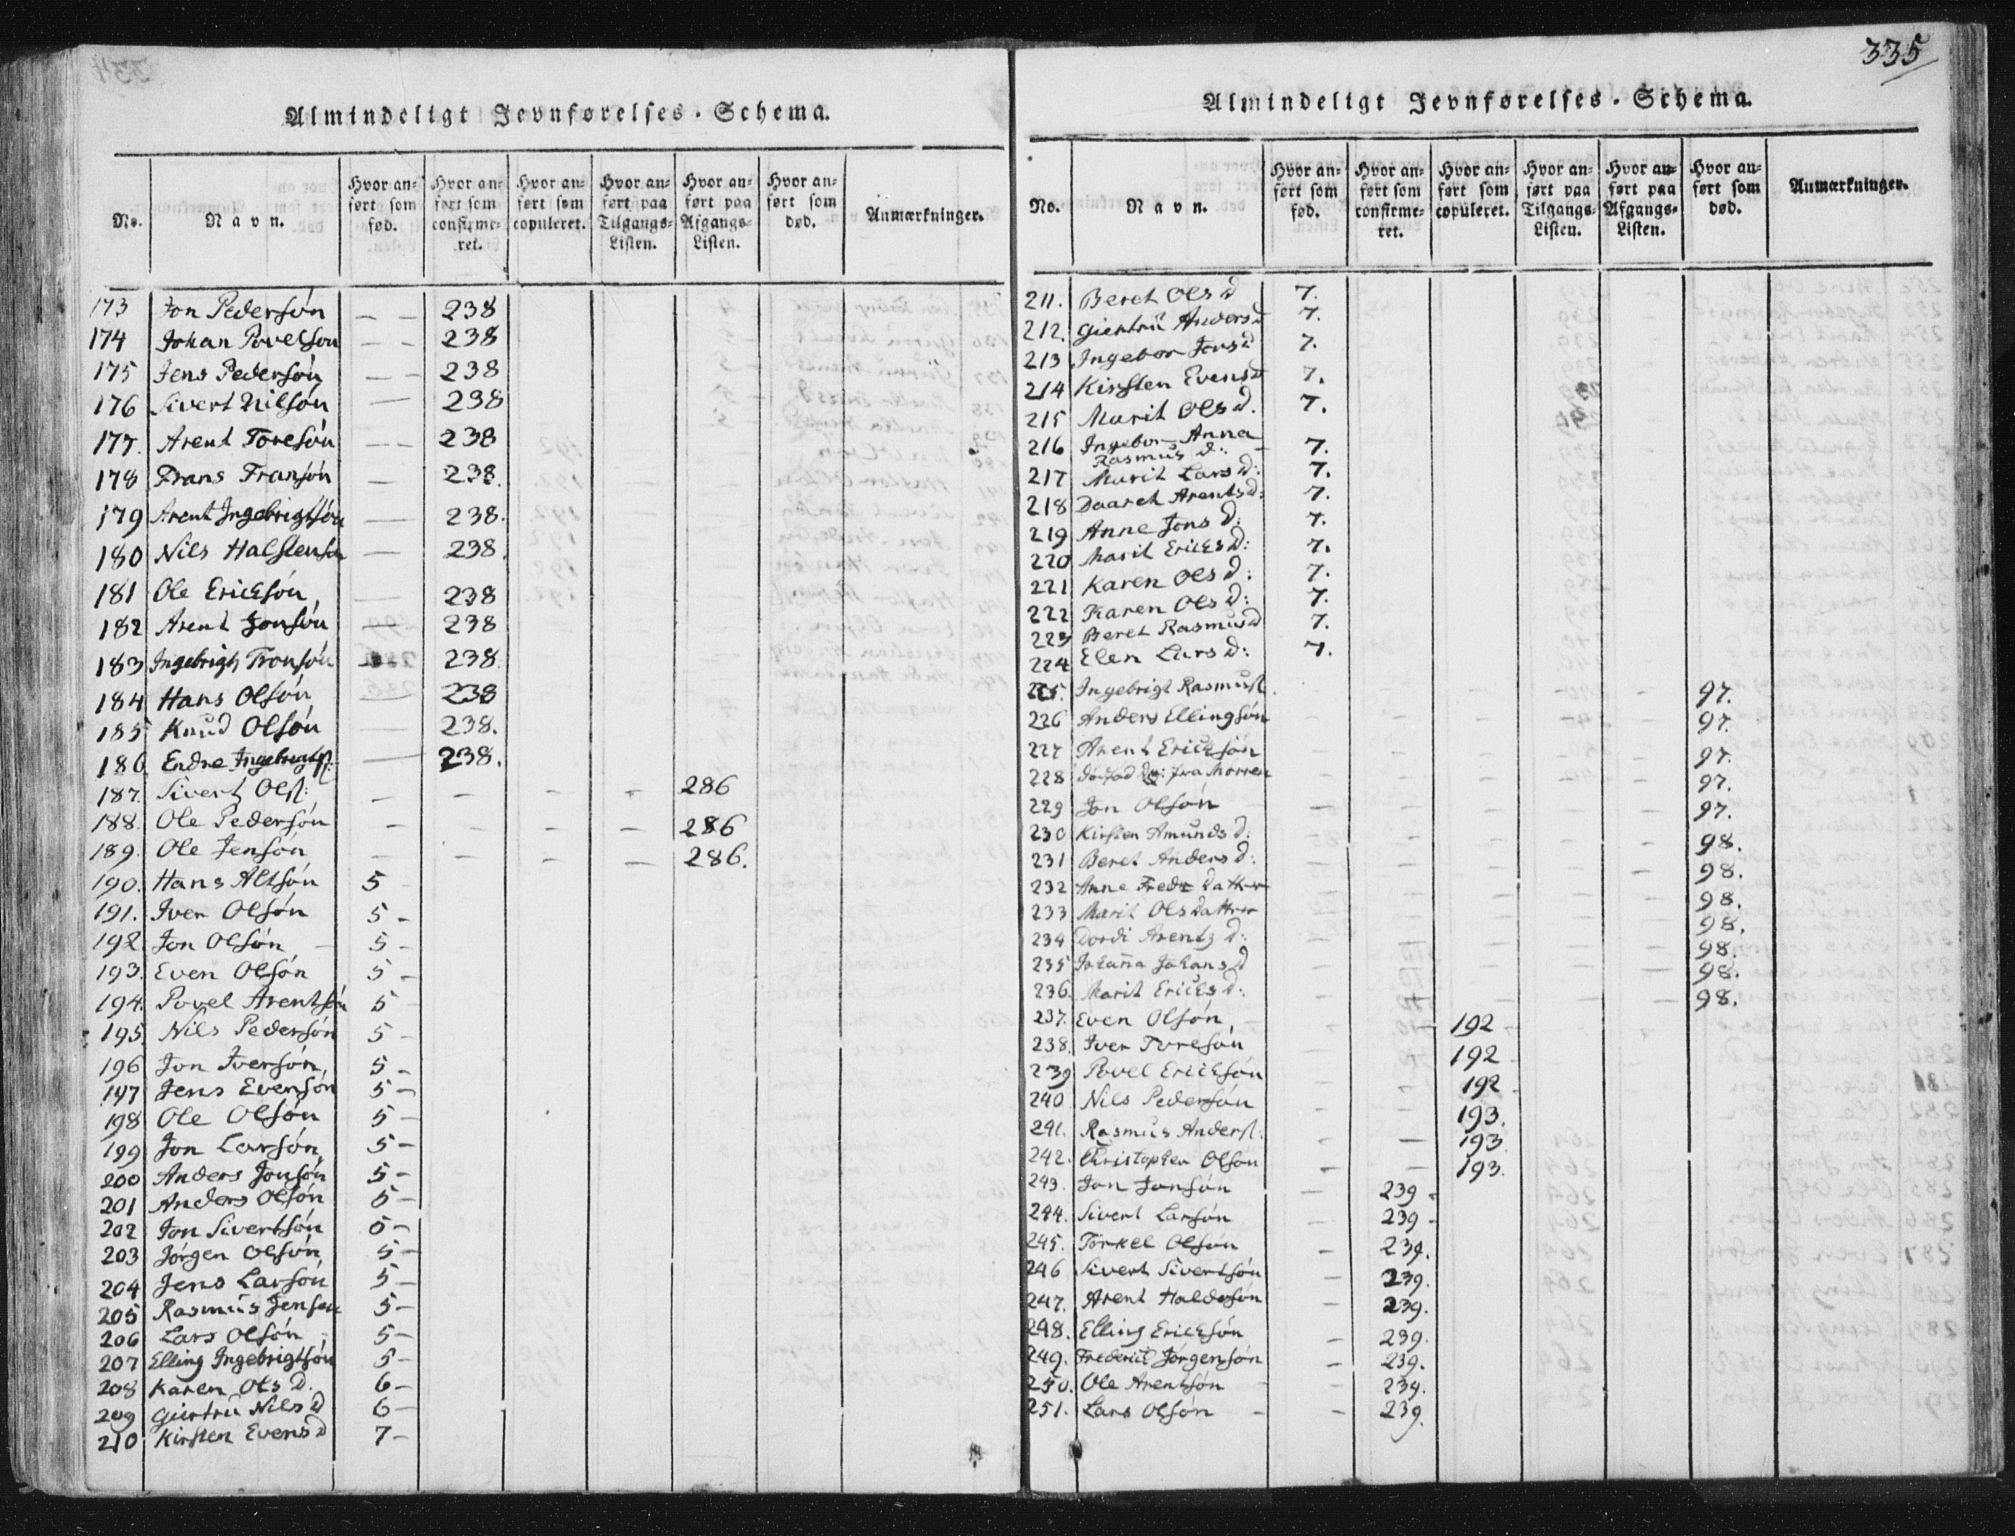 SAT, Ministerialprotokoller, klokkerbøker og fødselsregistre - Sør-Trøndelag, 665/L0770: Ministerialbok nr. 665A05, 1817-1829, s. 335